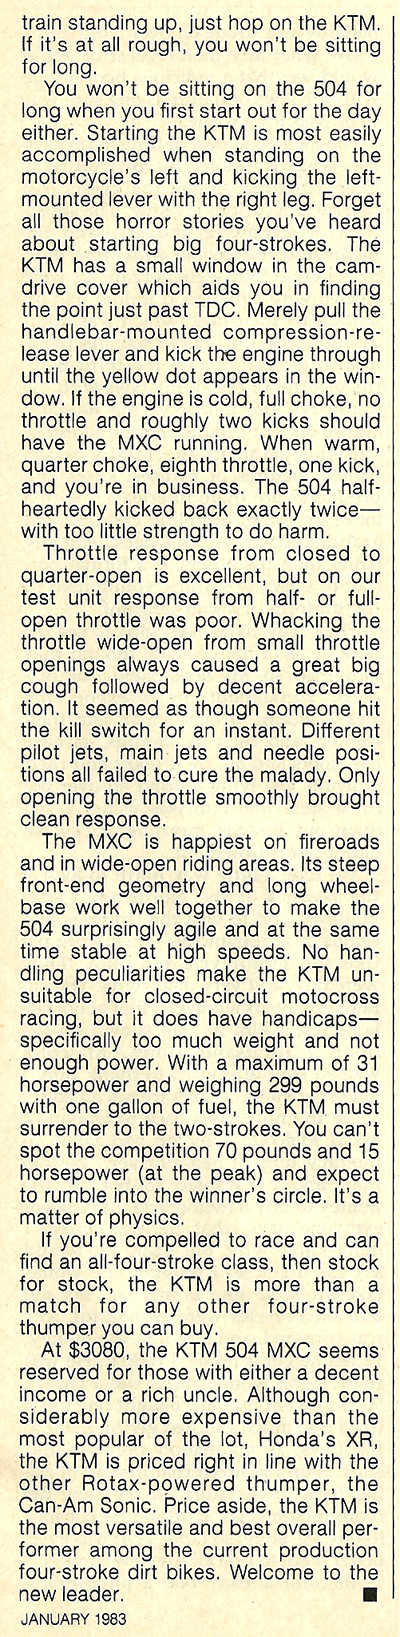 1983 KTM 504 MXC road test 8.jpg